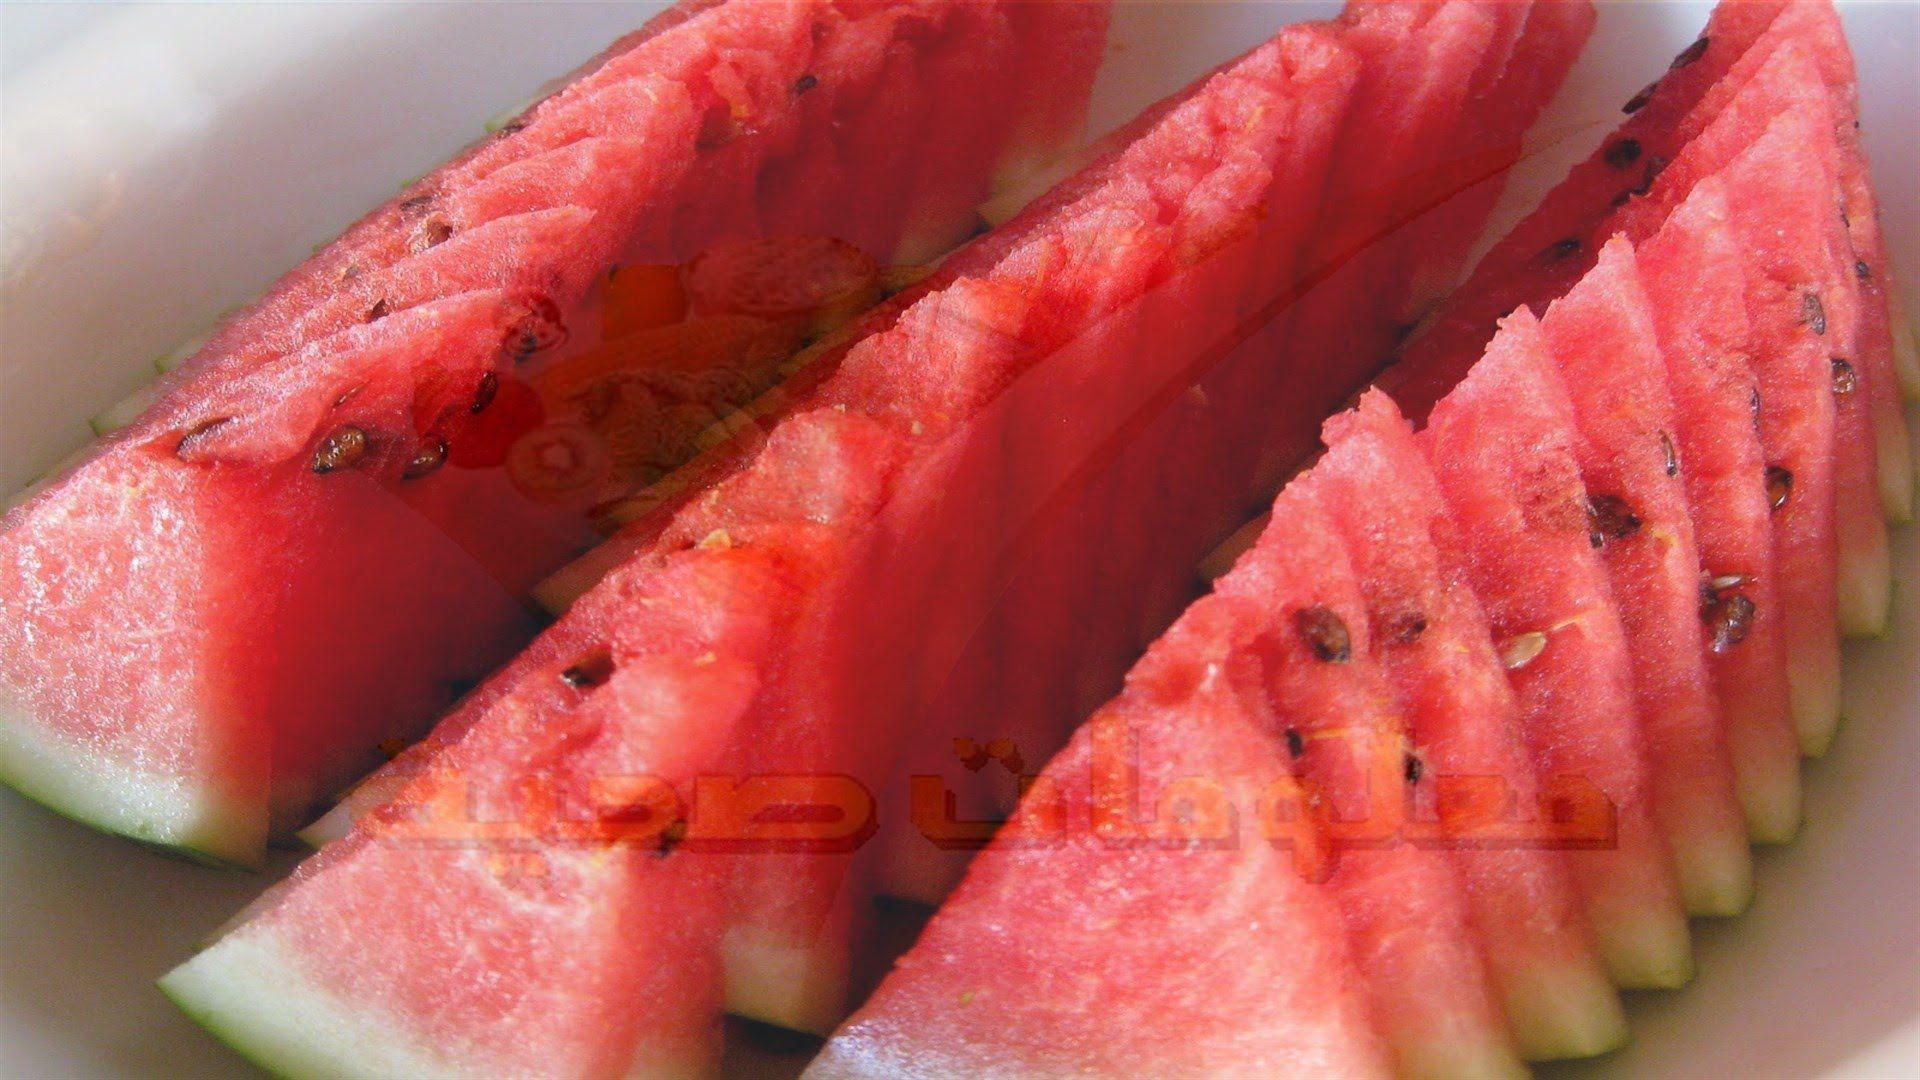 هل تعلم ماهى فوائد البطيخ المذهلة للمتزوجين ولن تتخيل ماذا يفعل البطيخ في جسمك Watermelon Food Fruit